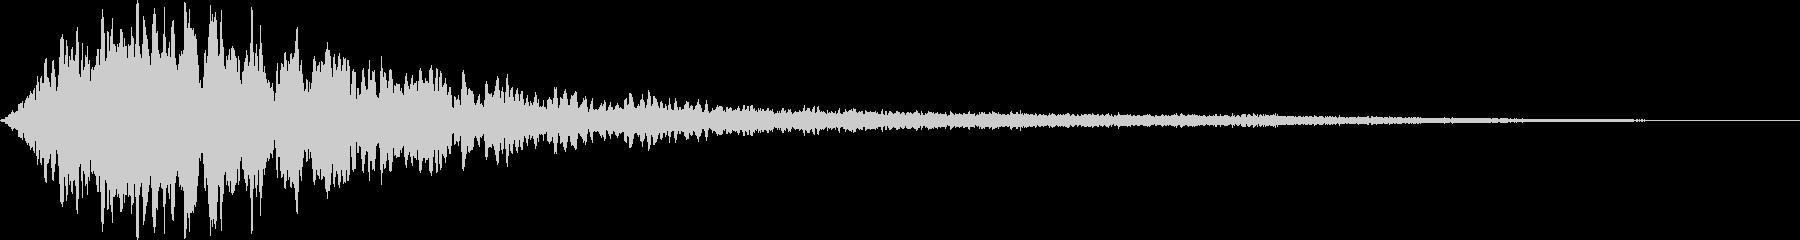 【ホラー】サウンドスケイプ_01の未再生の波形